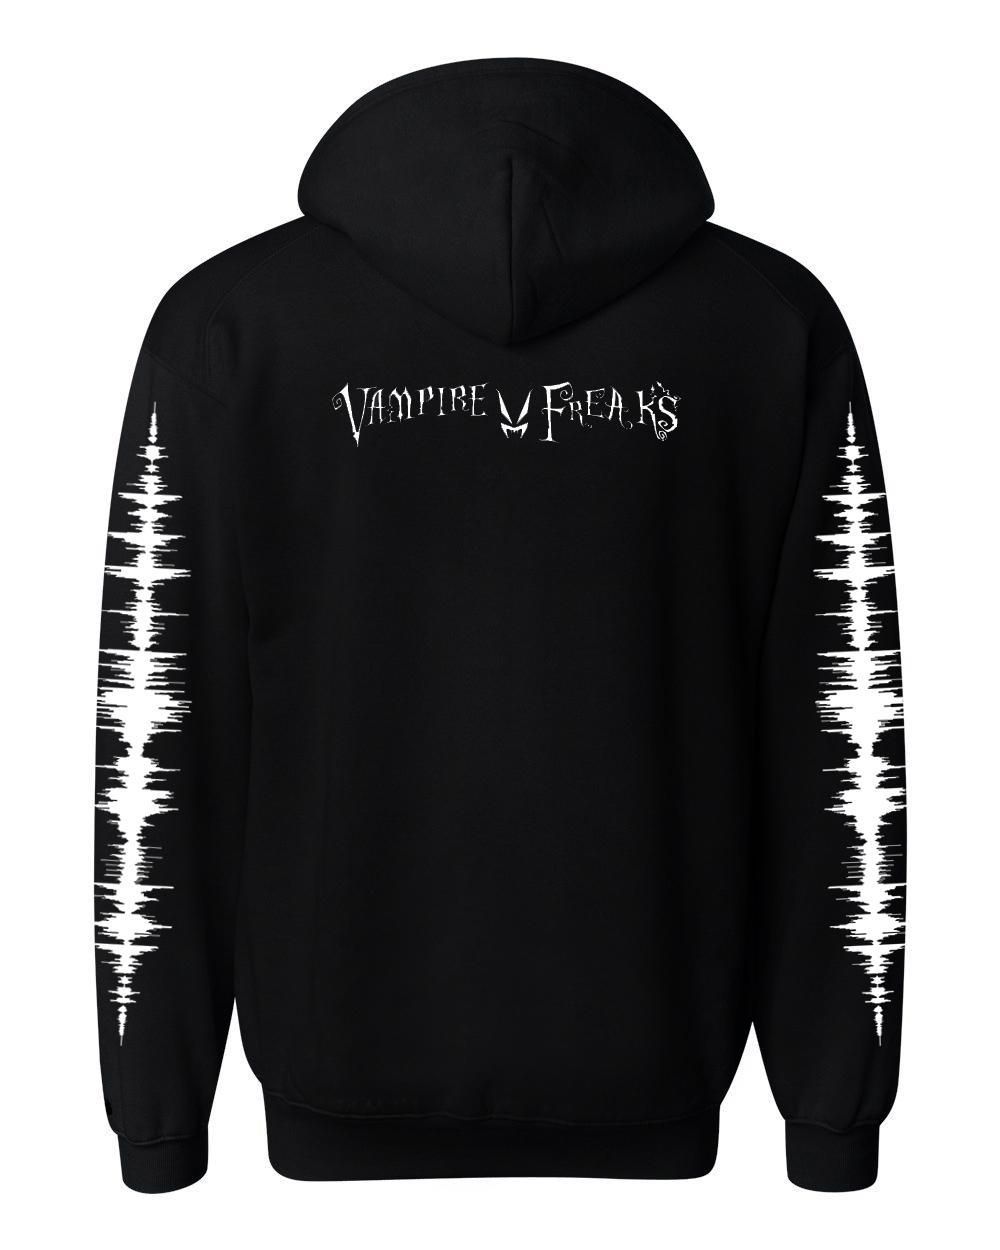 rebelsmarket_vampirefreaks_headphone_girl_pullover_hoodie_hoodies_and_sweatshirts_3.jpg